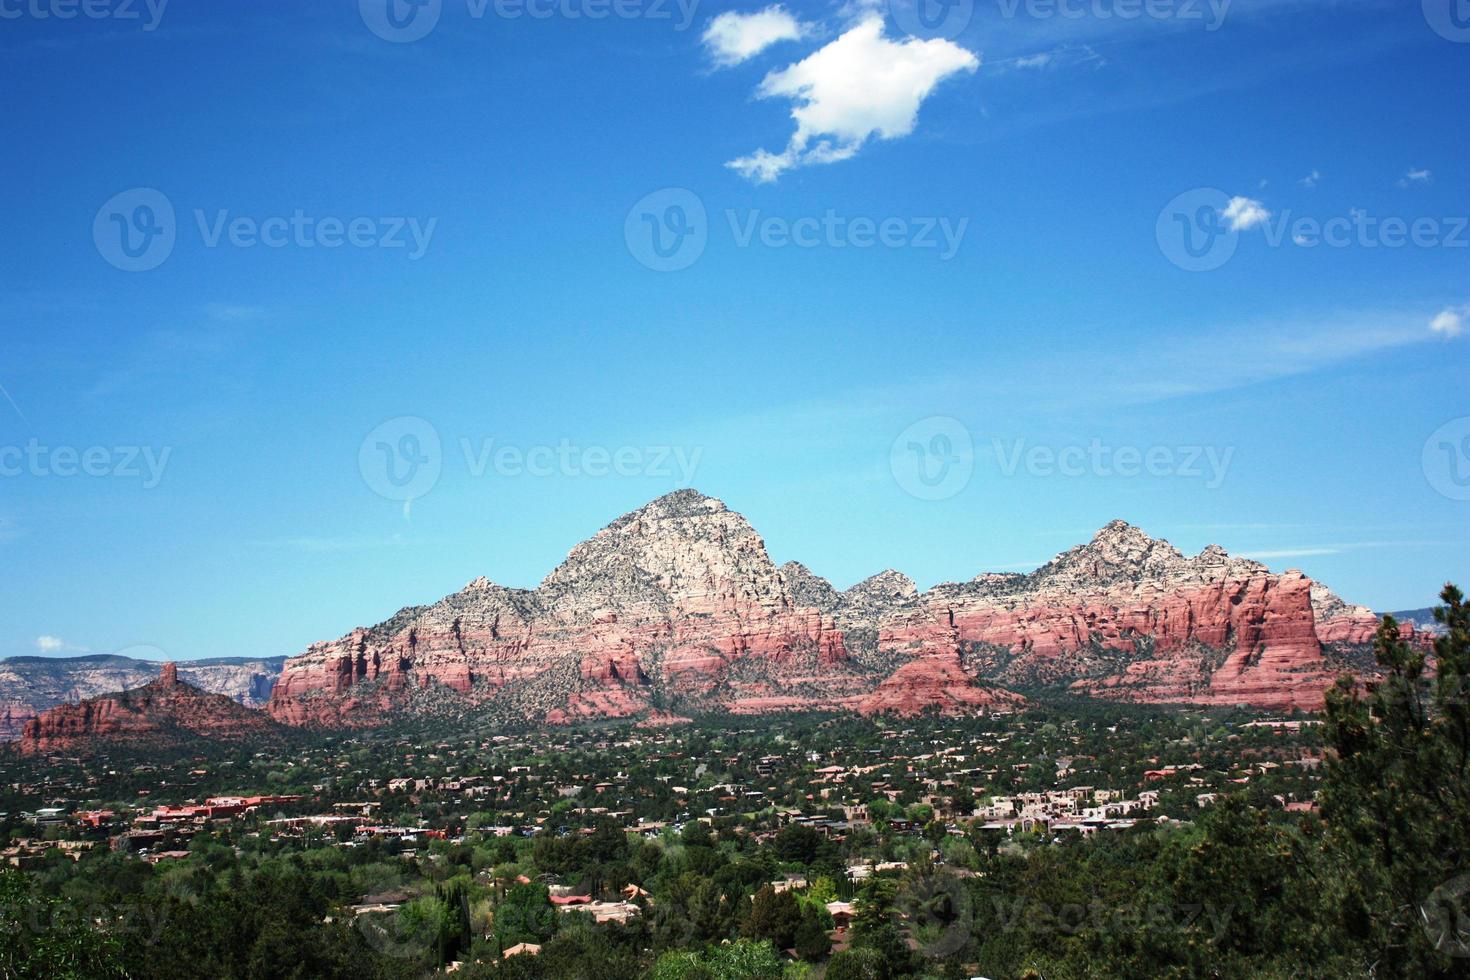 Vista al valle de sedona y montañas, Arizona, EE.UU. foto